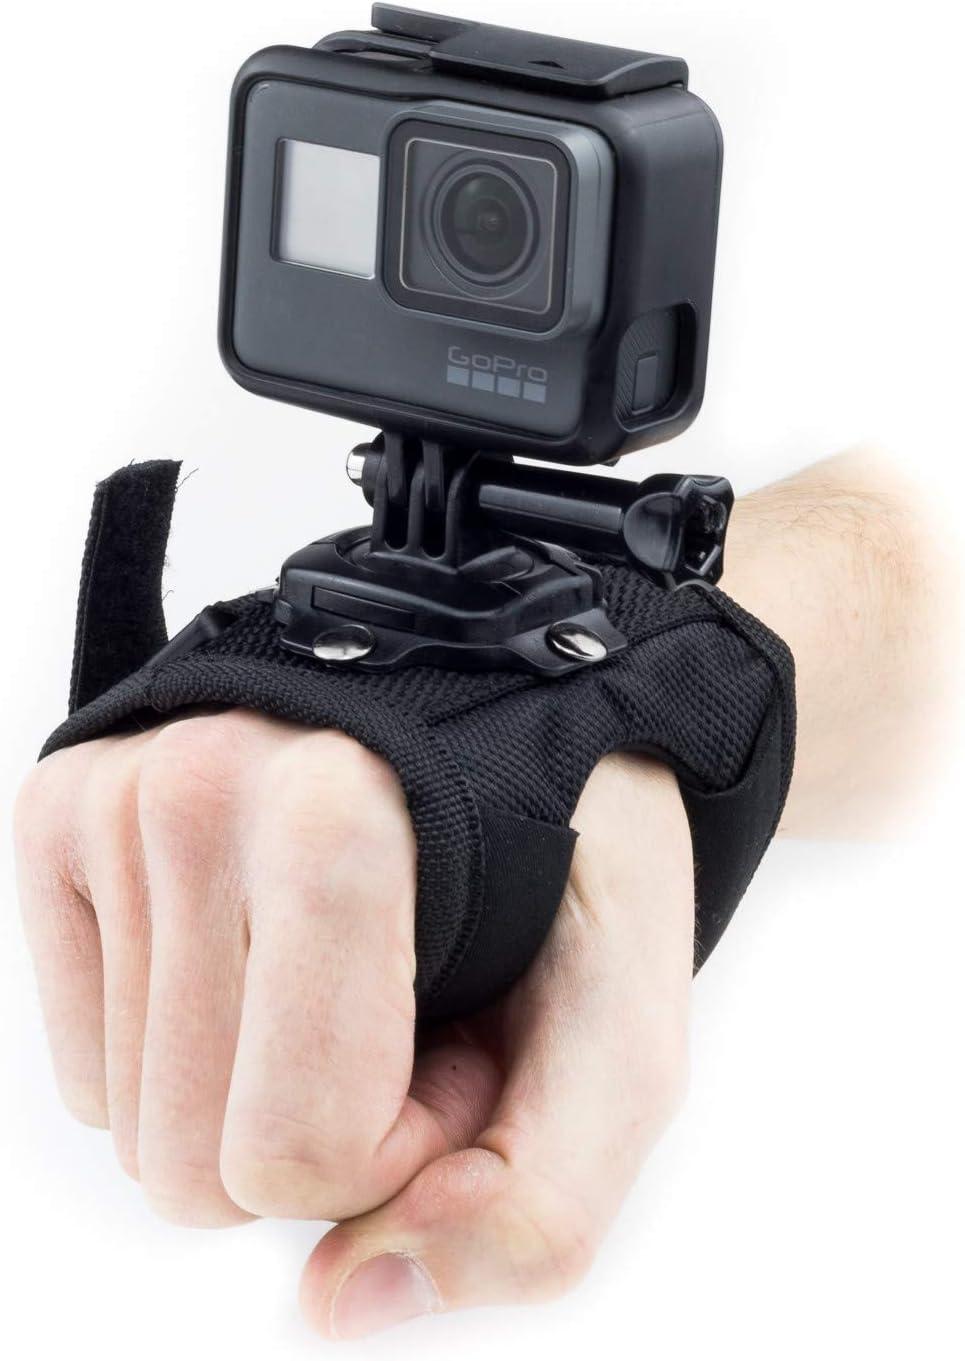 Cámara de acción Montada a mano Correa de muñeca para GoPro Hero Akaso Crosstour Campark Fitfort Garmin VIRB Apeman Sony Camkong Motorola Victure ...